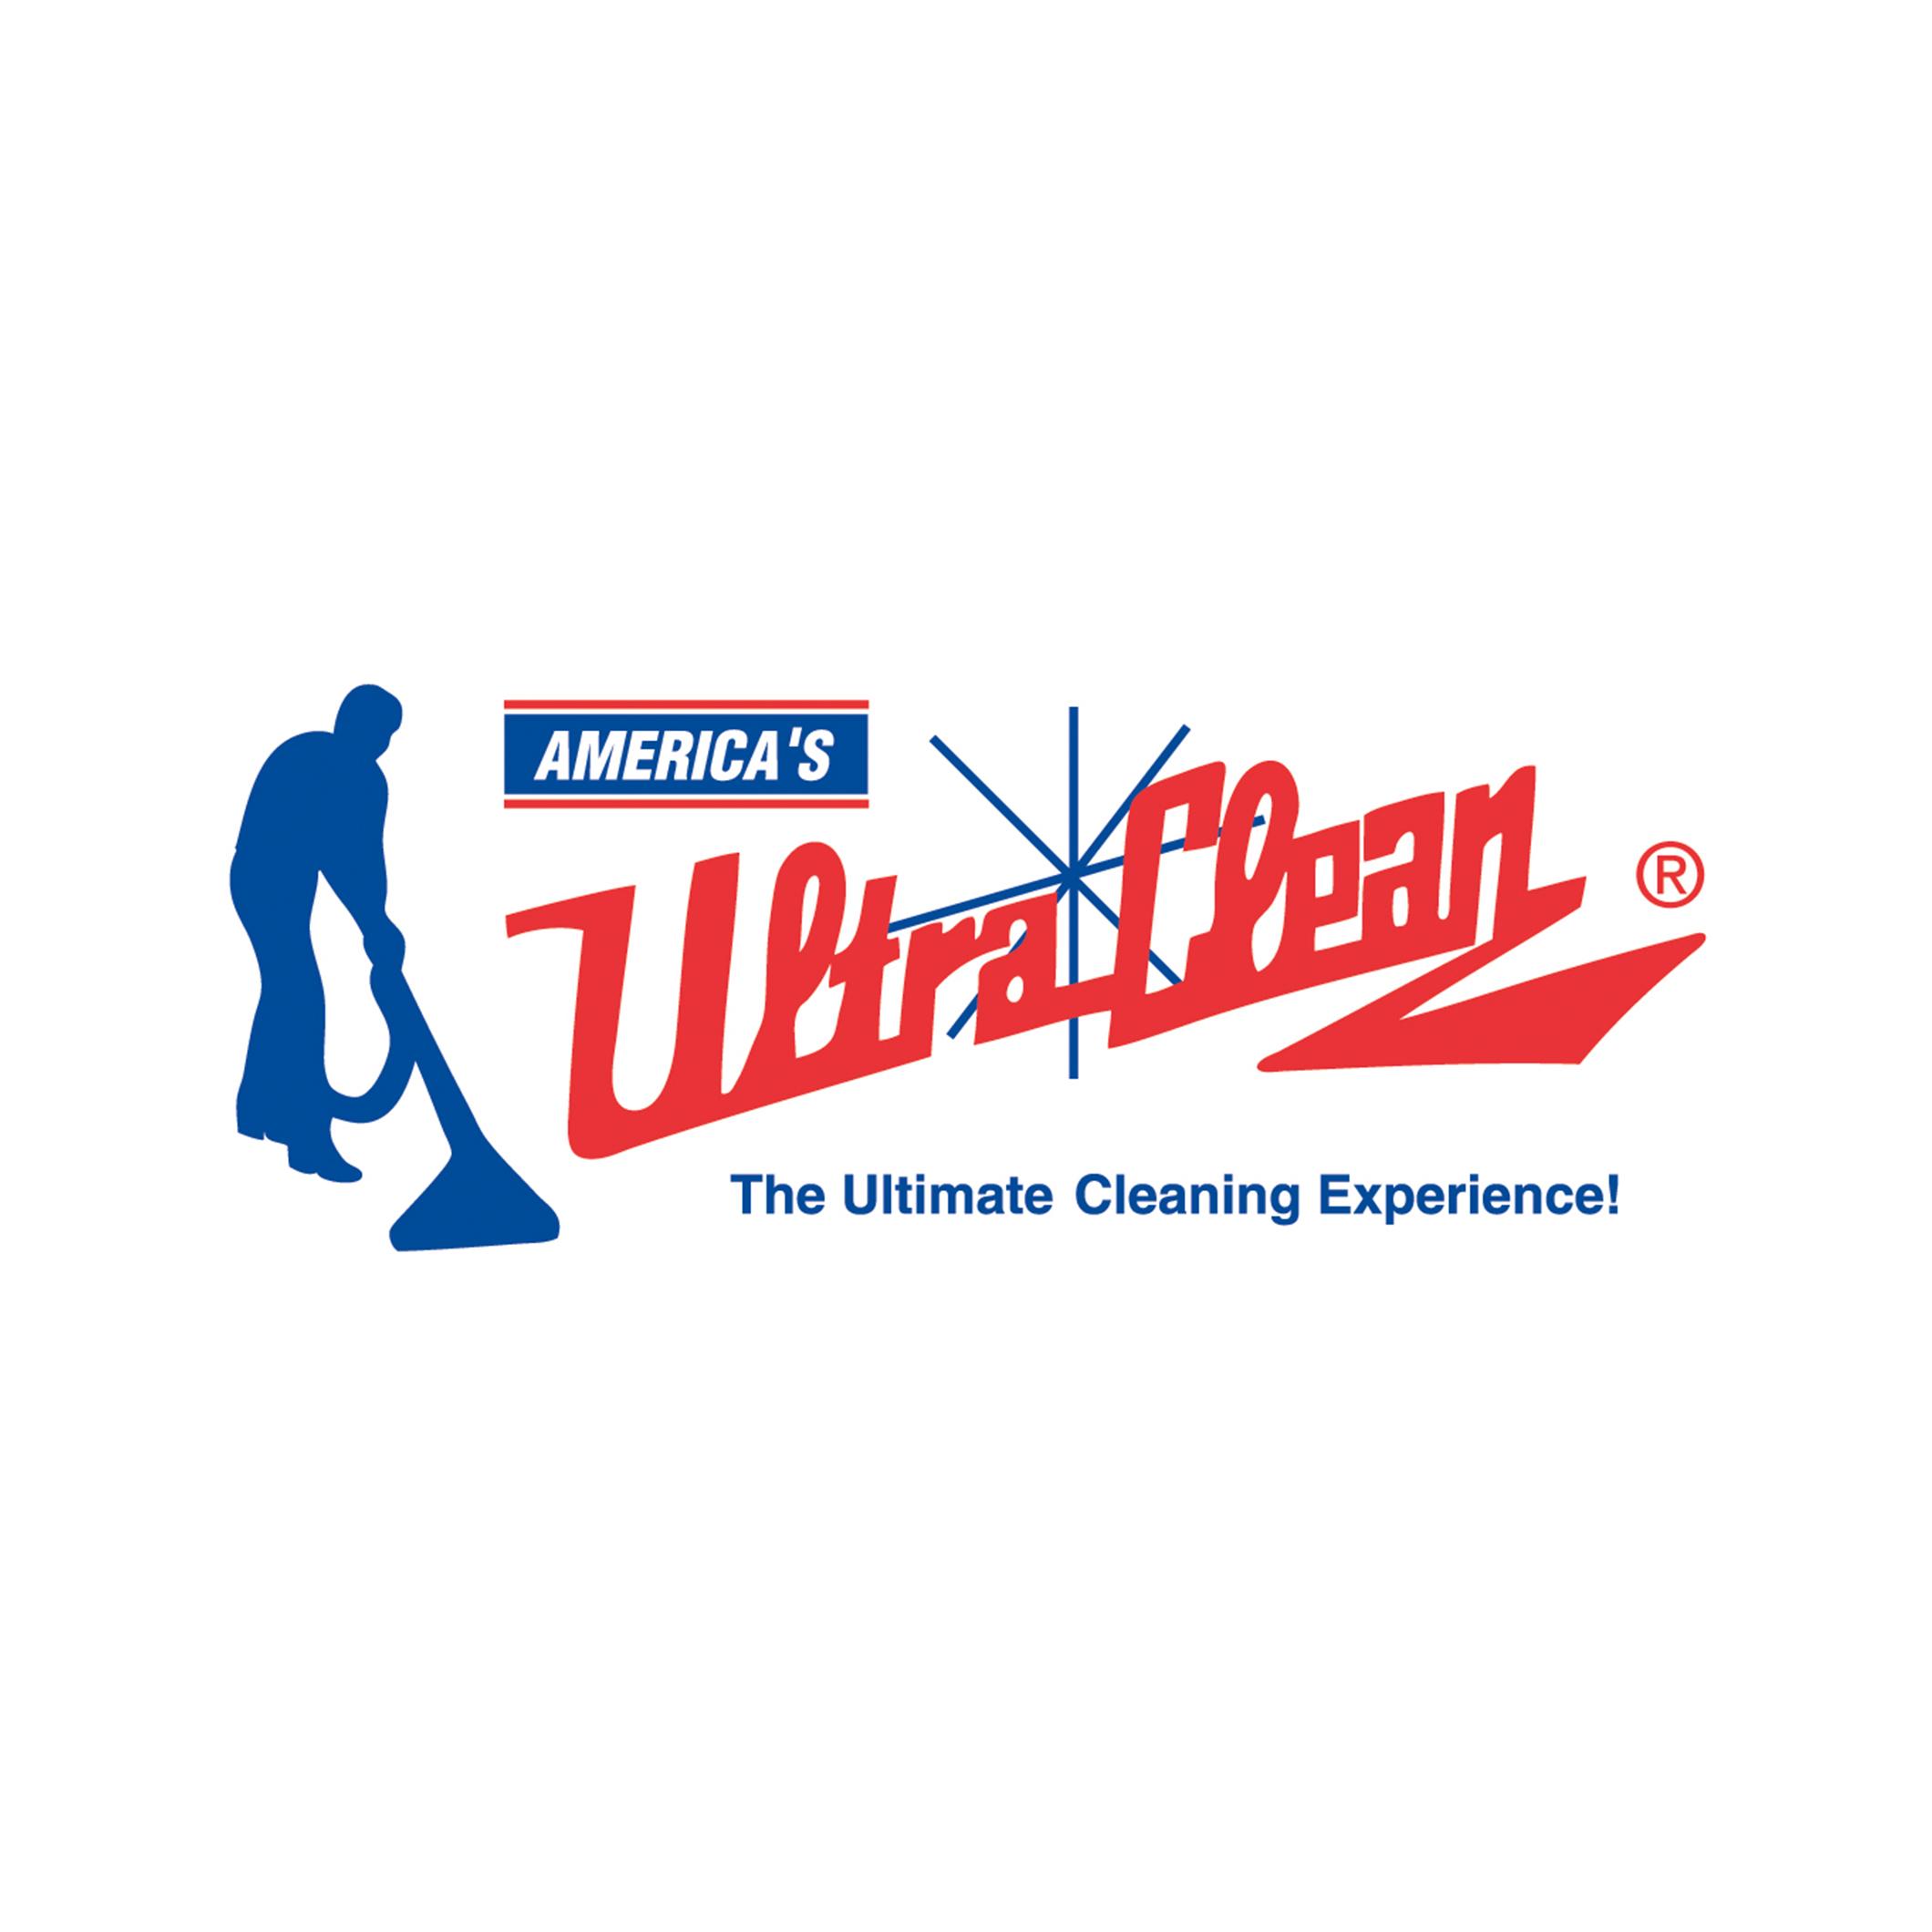 America's Ultra Clean